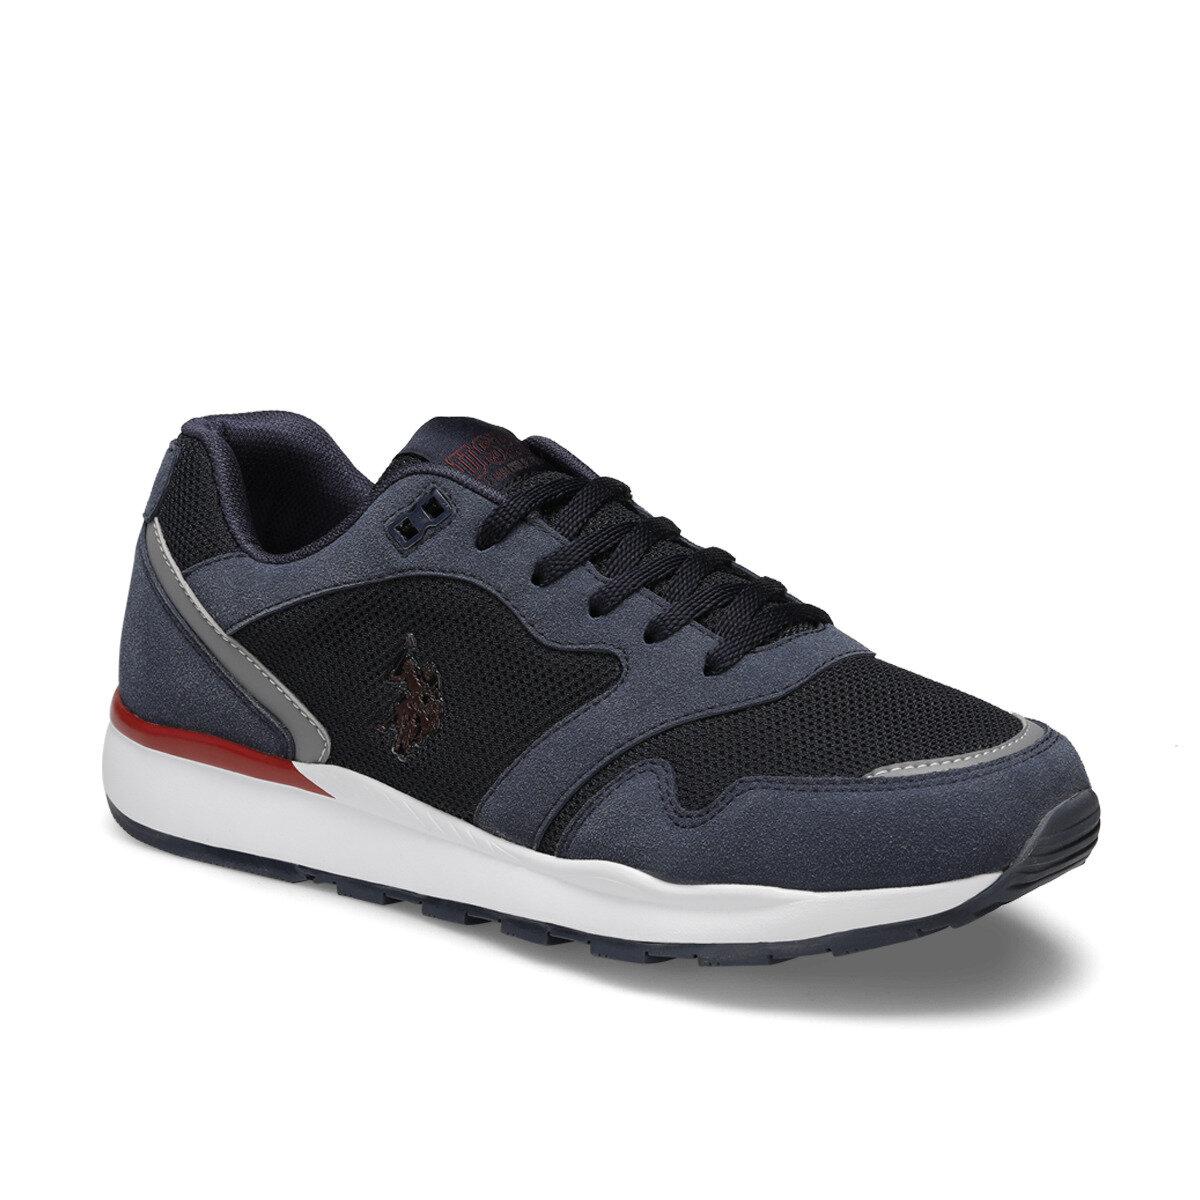 FLO GABI Navy Blue Men 'S Sneaker Shoes U.S. POLO ASSN.